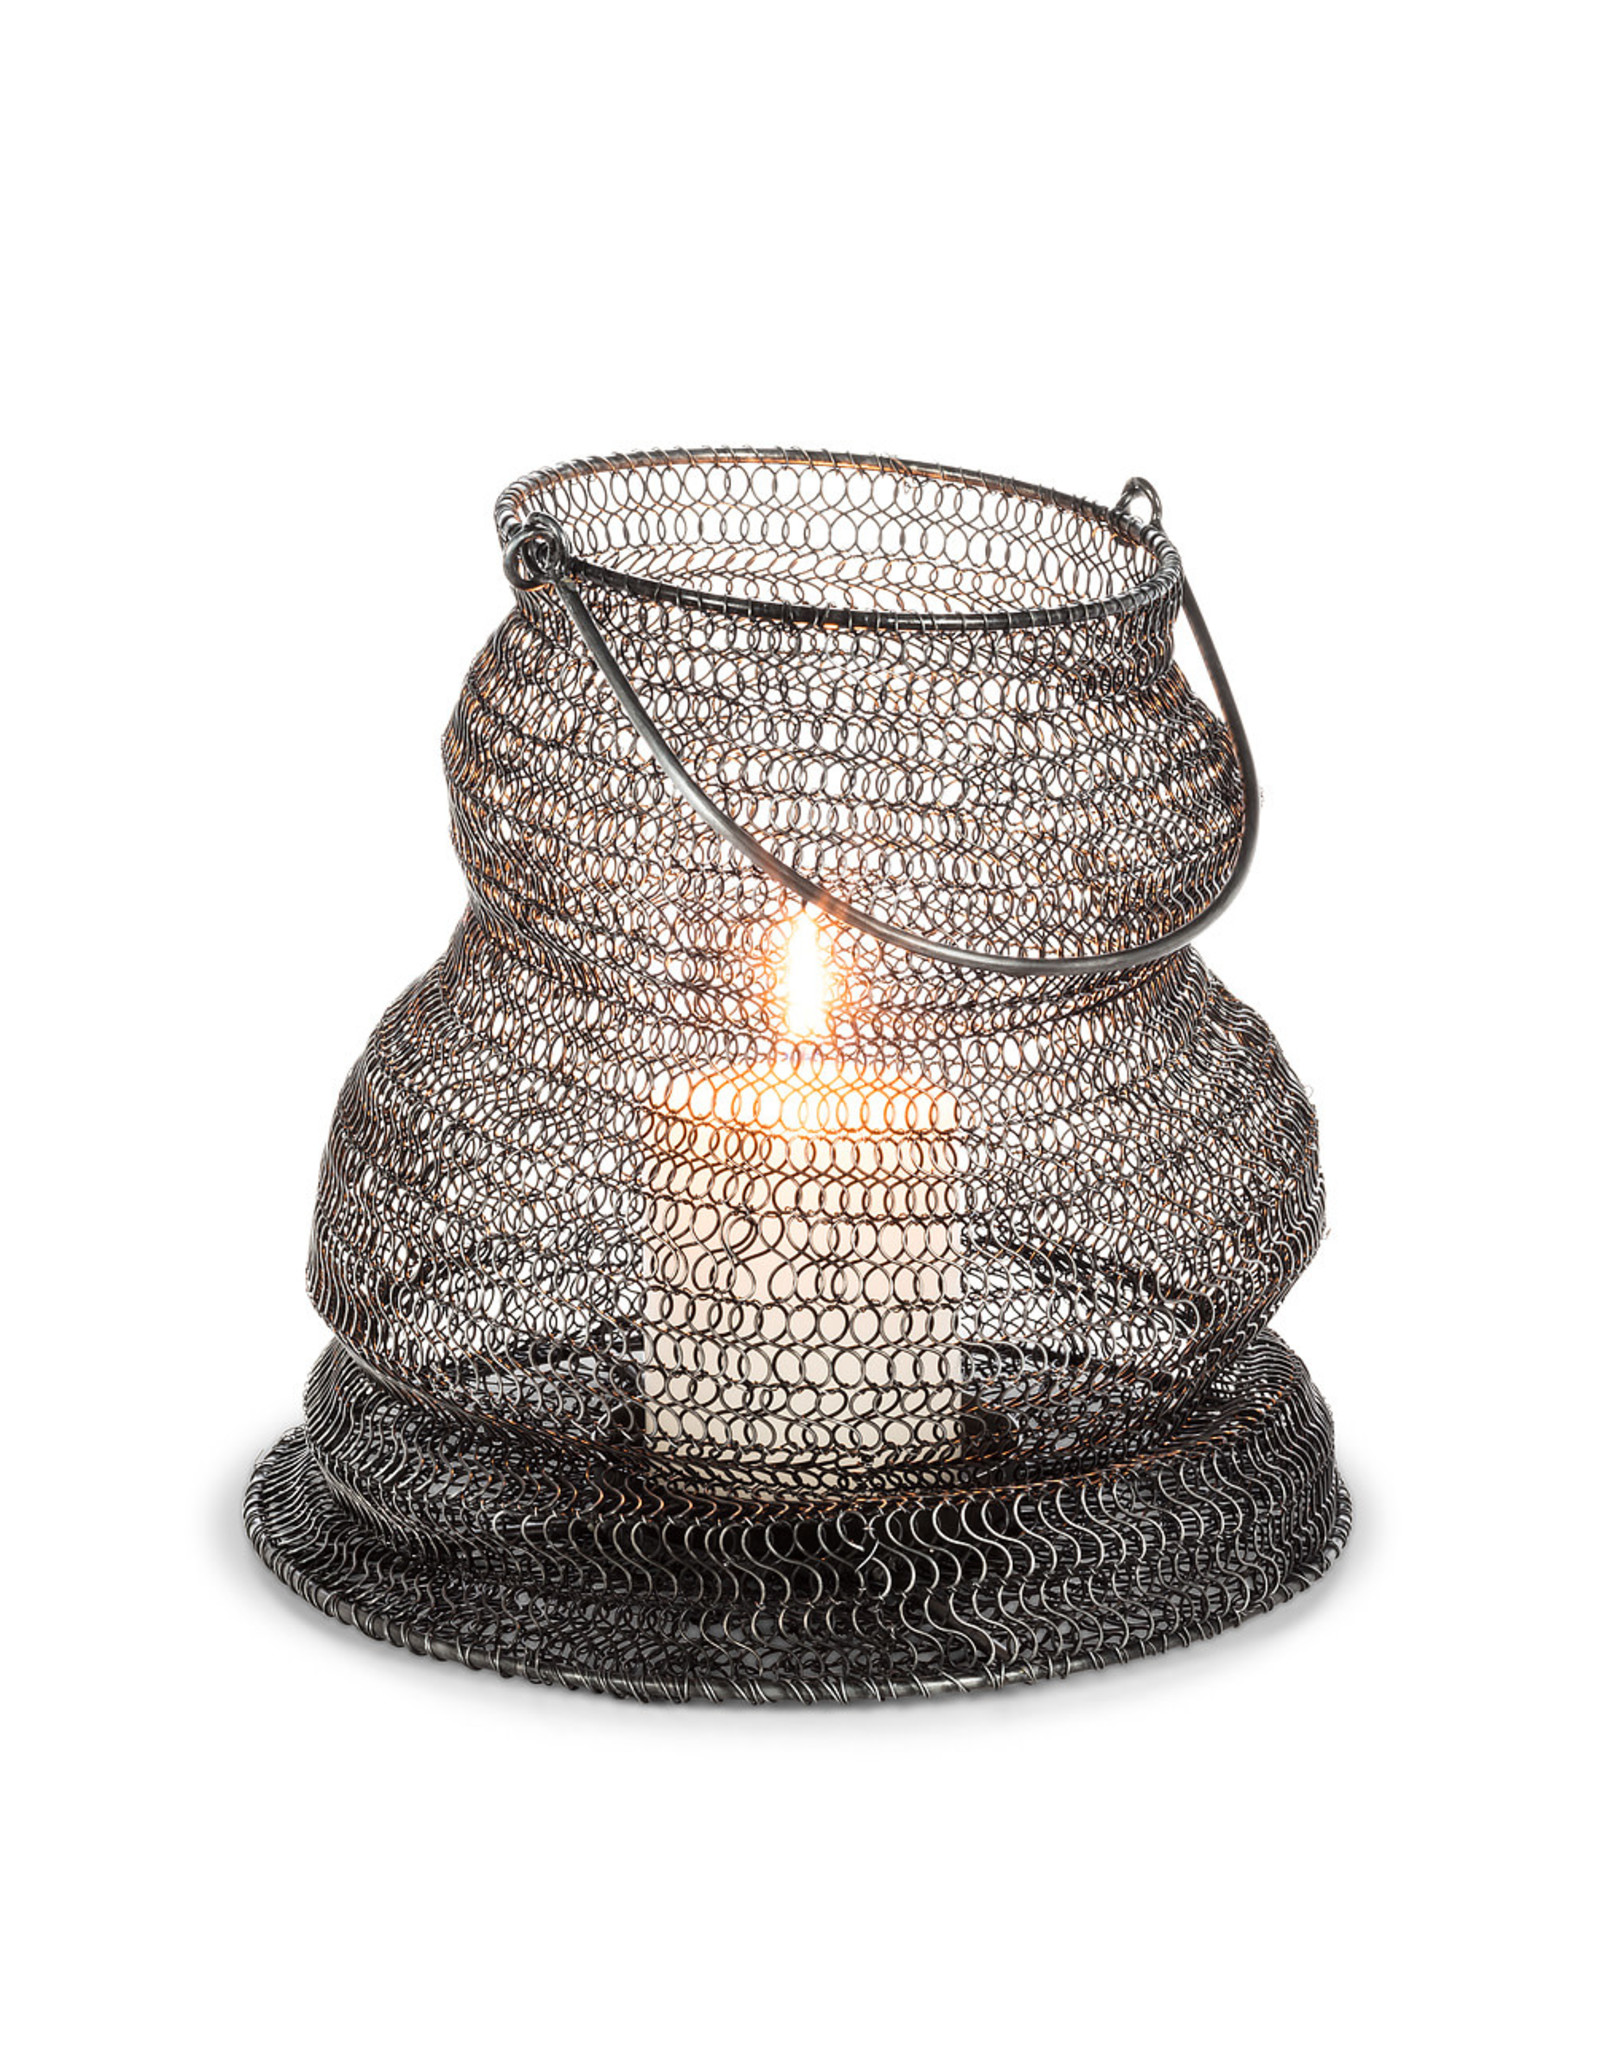 Collapsible Lantern